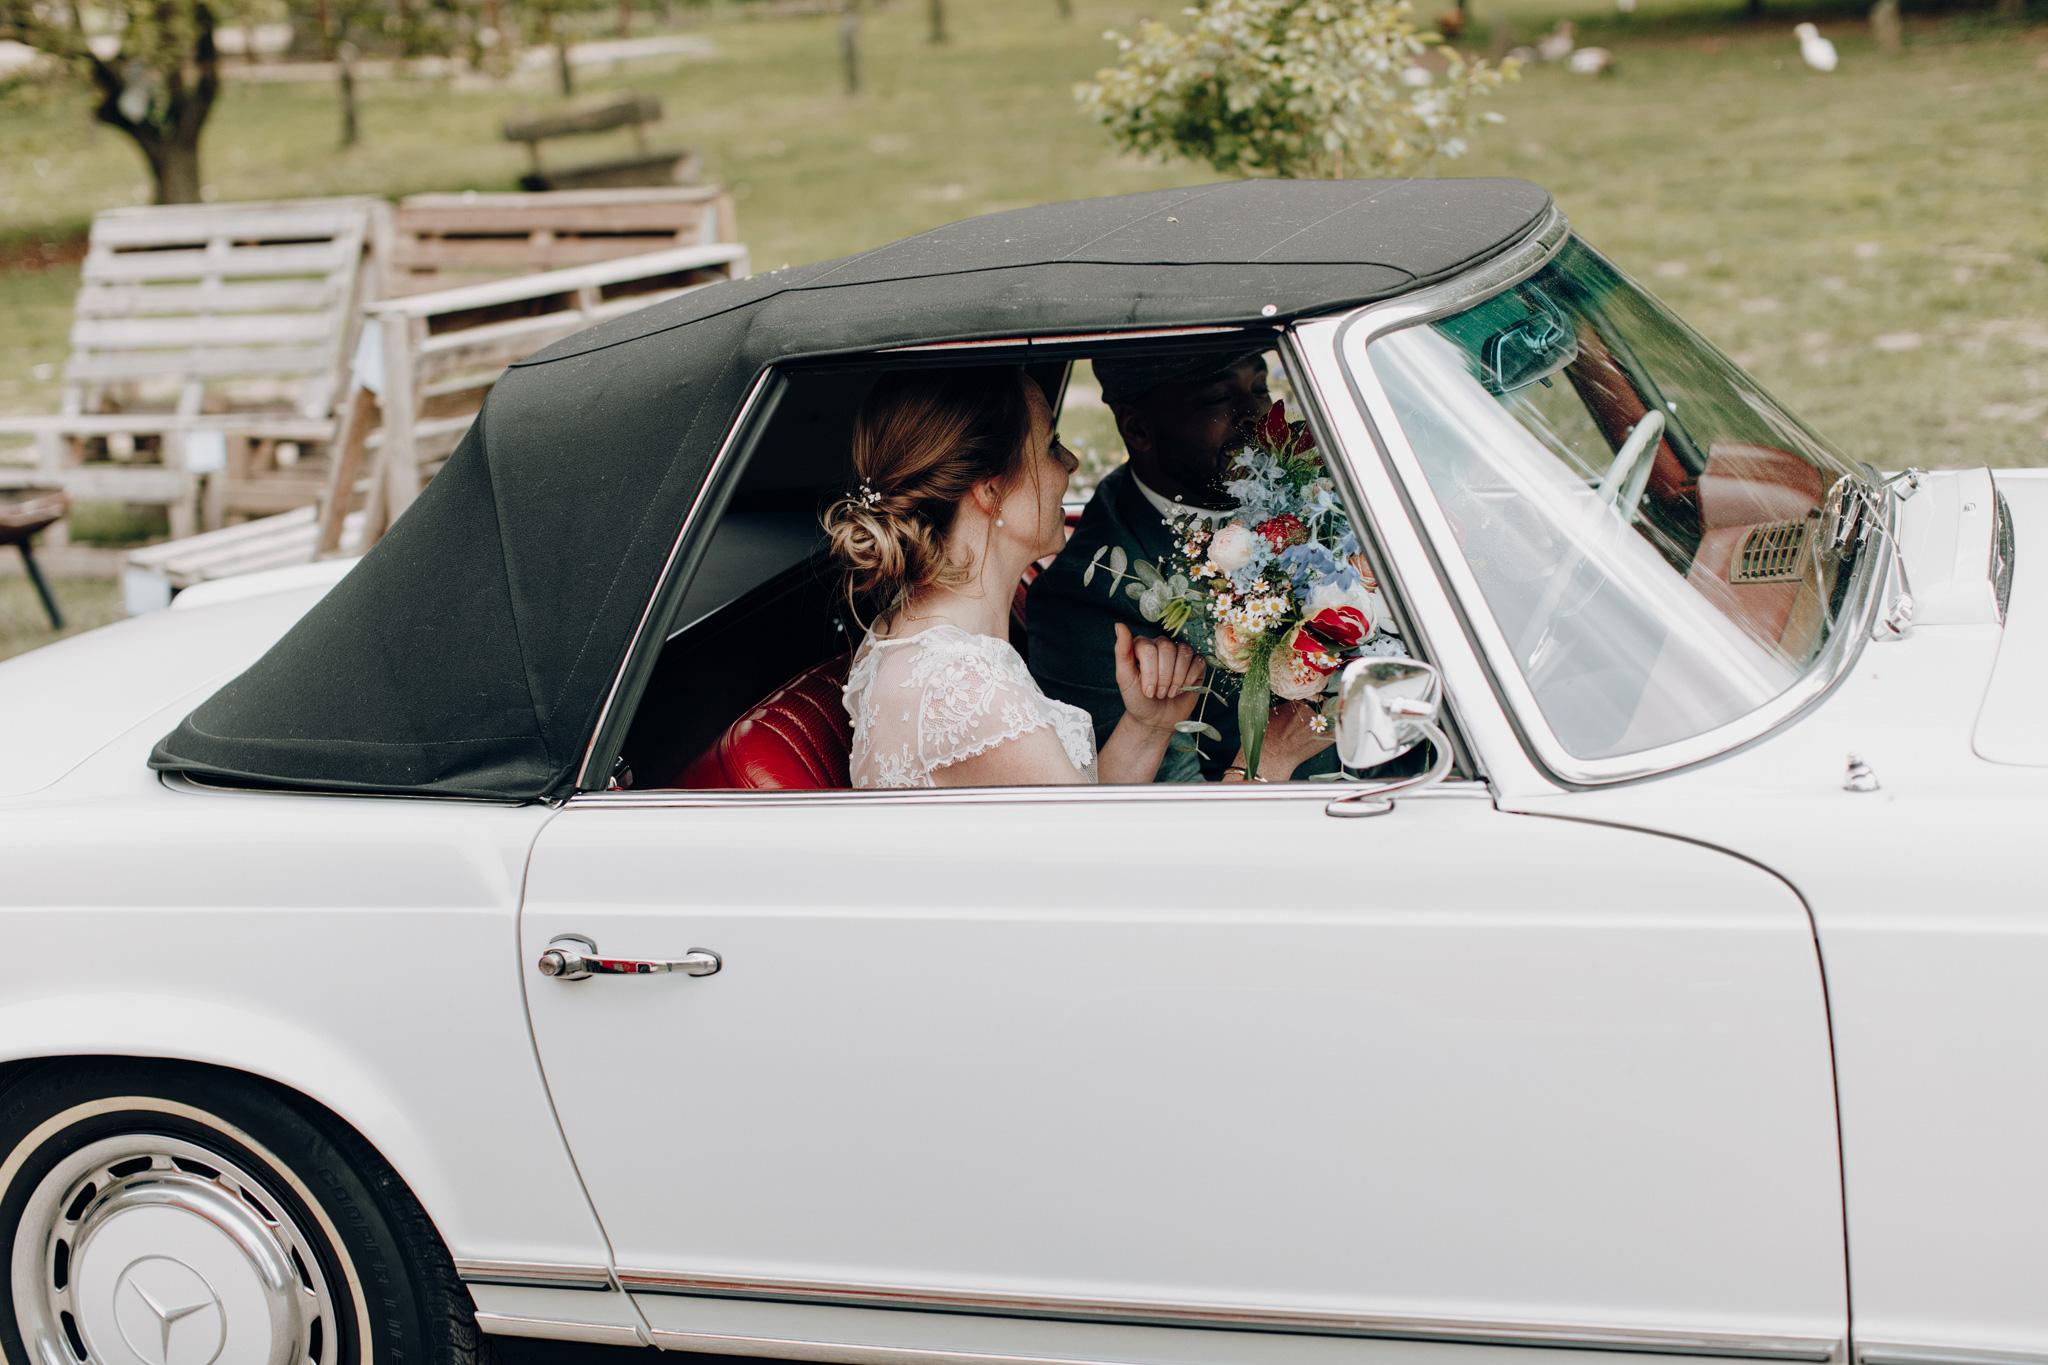 Bruid zit in auto met bruidegom bij Kloster Graefenthal